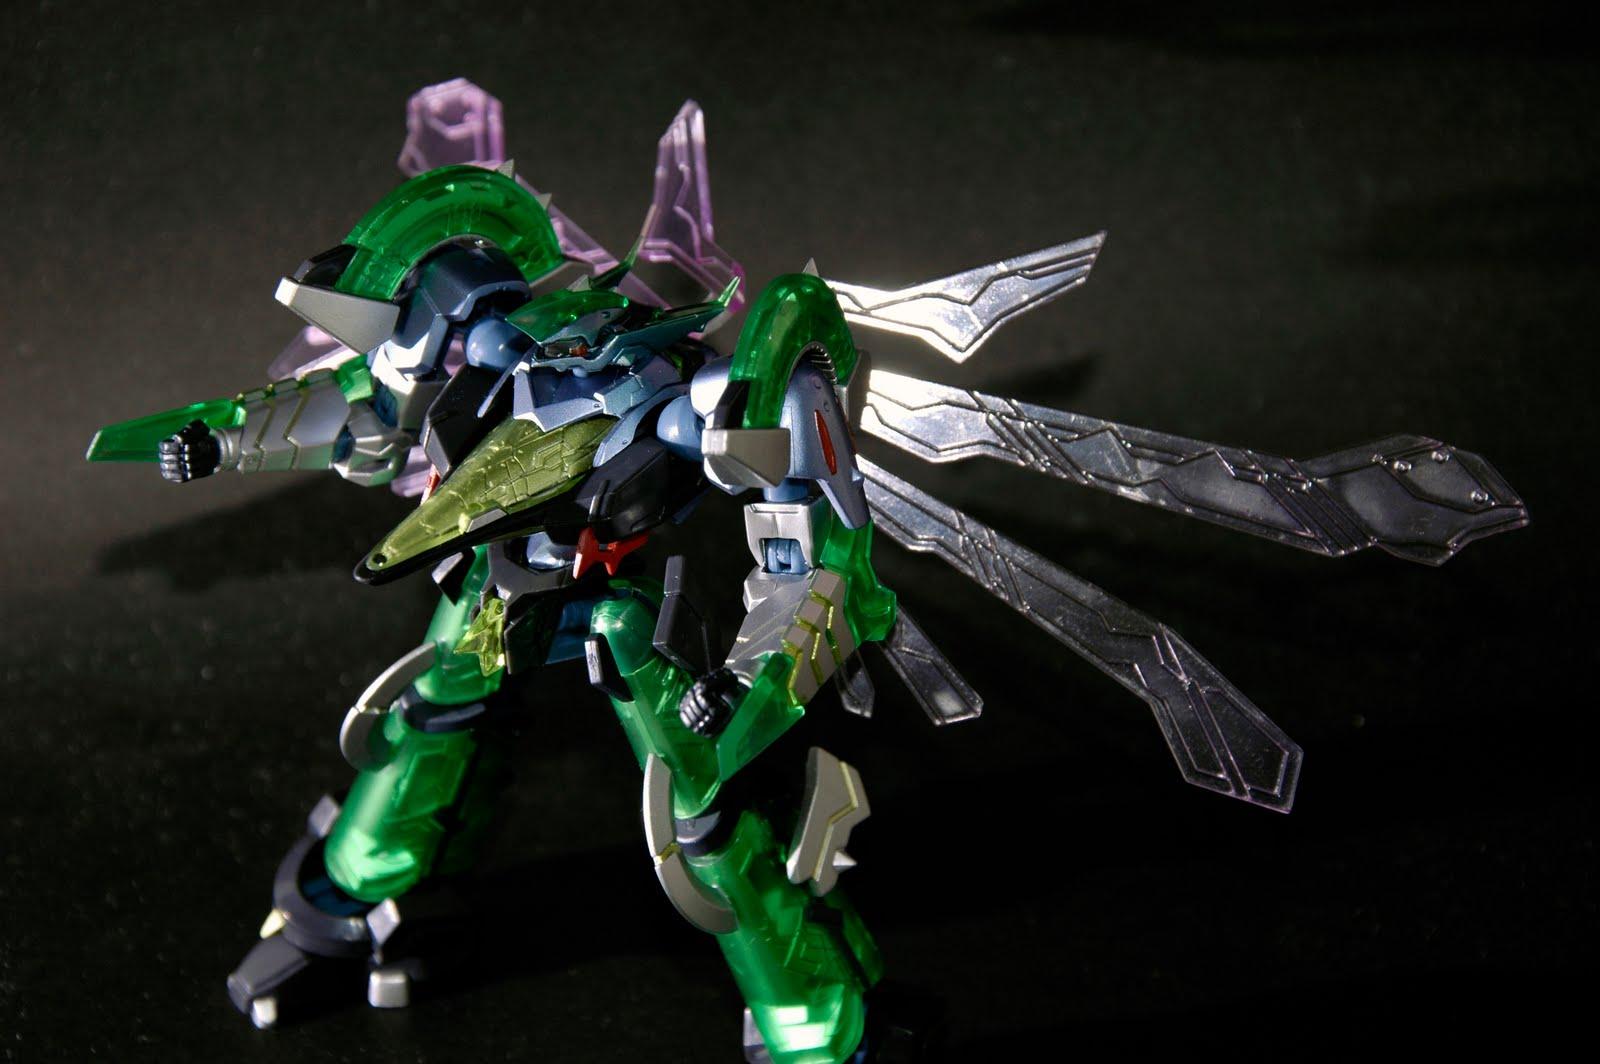 屎のblogger: Robot 魂 070 ZegaPain Altair